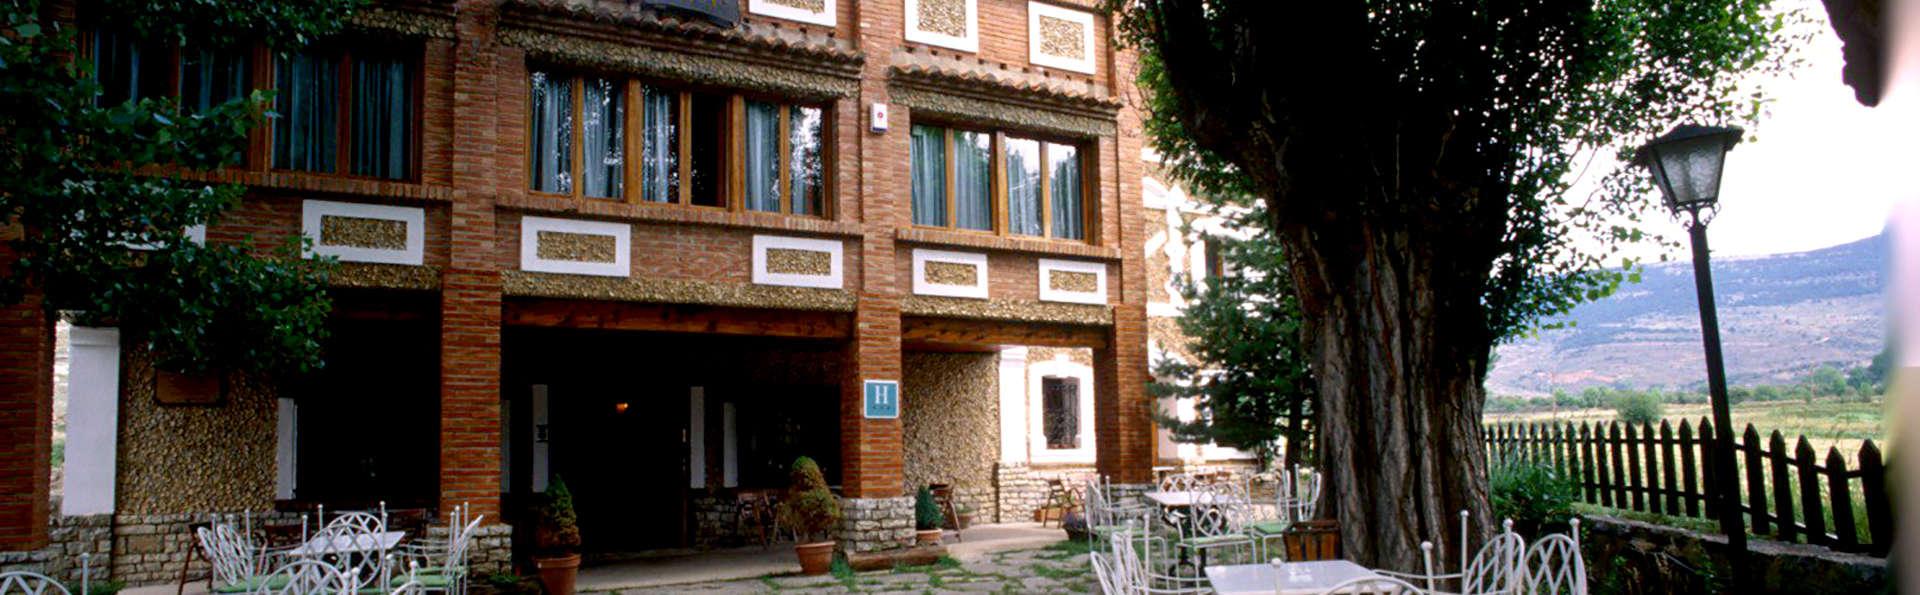 Hotel La Vega - Edit_Front2.jpg